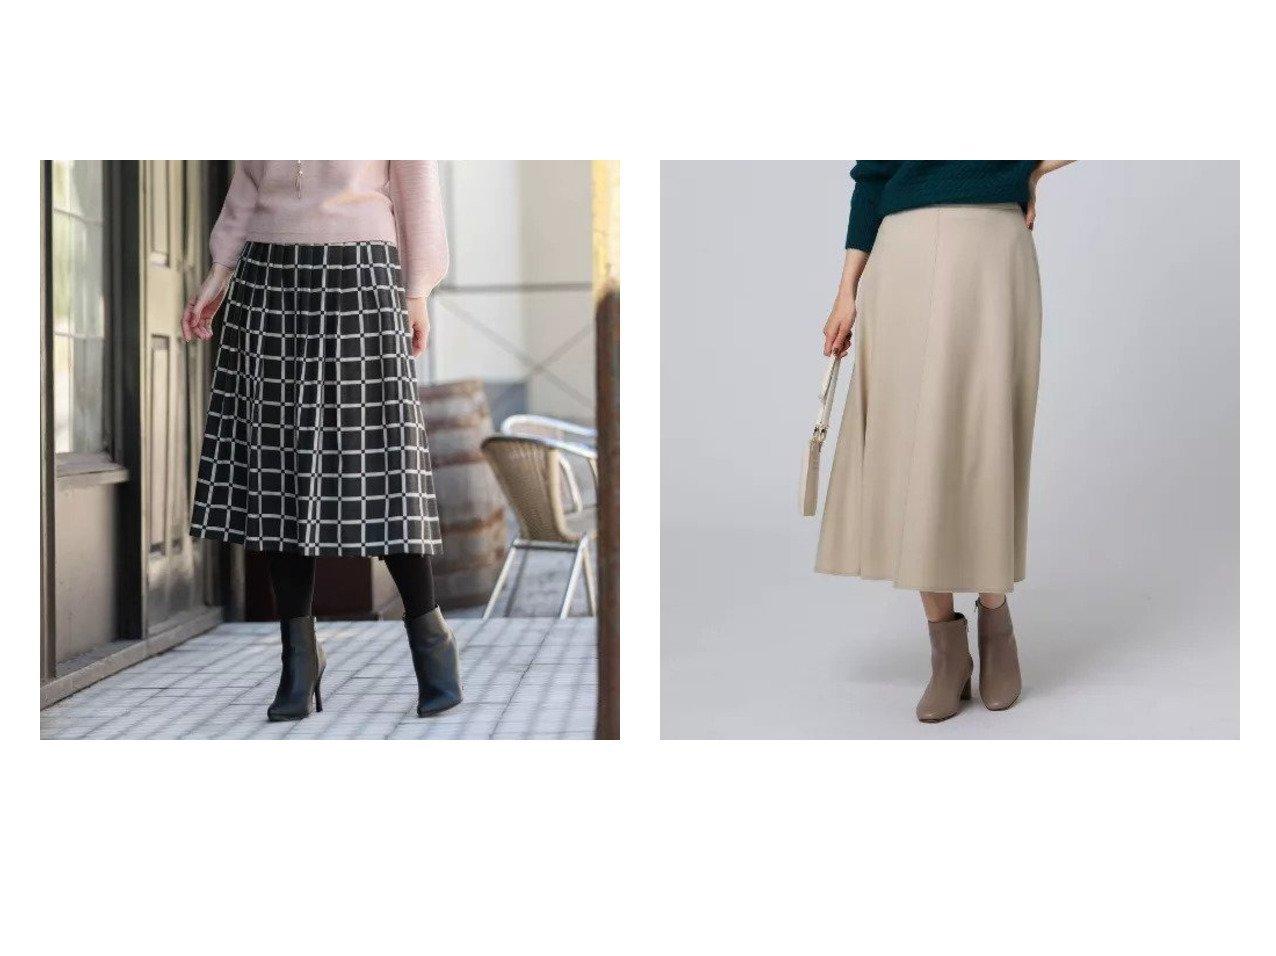 【UNTITLED/アンタイトル】のボニータミルドステッチフレアスカート&【AMACA/アマカ】のブロックブレイドスカート スカートのおすすめ!人気トレンド・レディースファッションの通販 おすすめで人気のファッション通販商品 インテリア・家具・キッズファッション・メンズファッション・レディースファッション・服の通販 founy(ファニー) https://founy.com/ ファッション Fashion レディース WOMEN スカート Skirt Aライン/フレアスカート Flared A-Line Skirts フィット ブロック プリント マキシ ミックス ロング 無地 シンプル ジャージ ポケット |ID:crp329100000007268